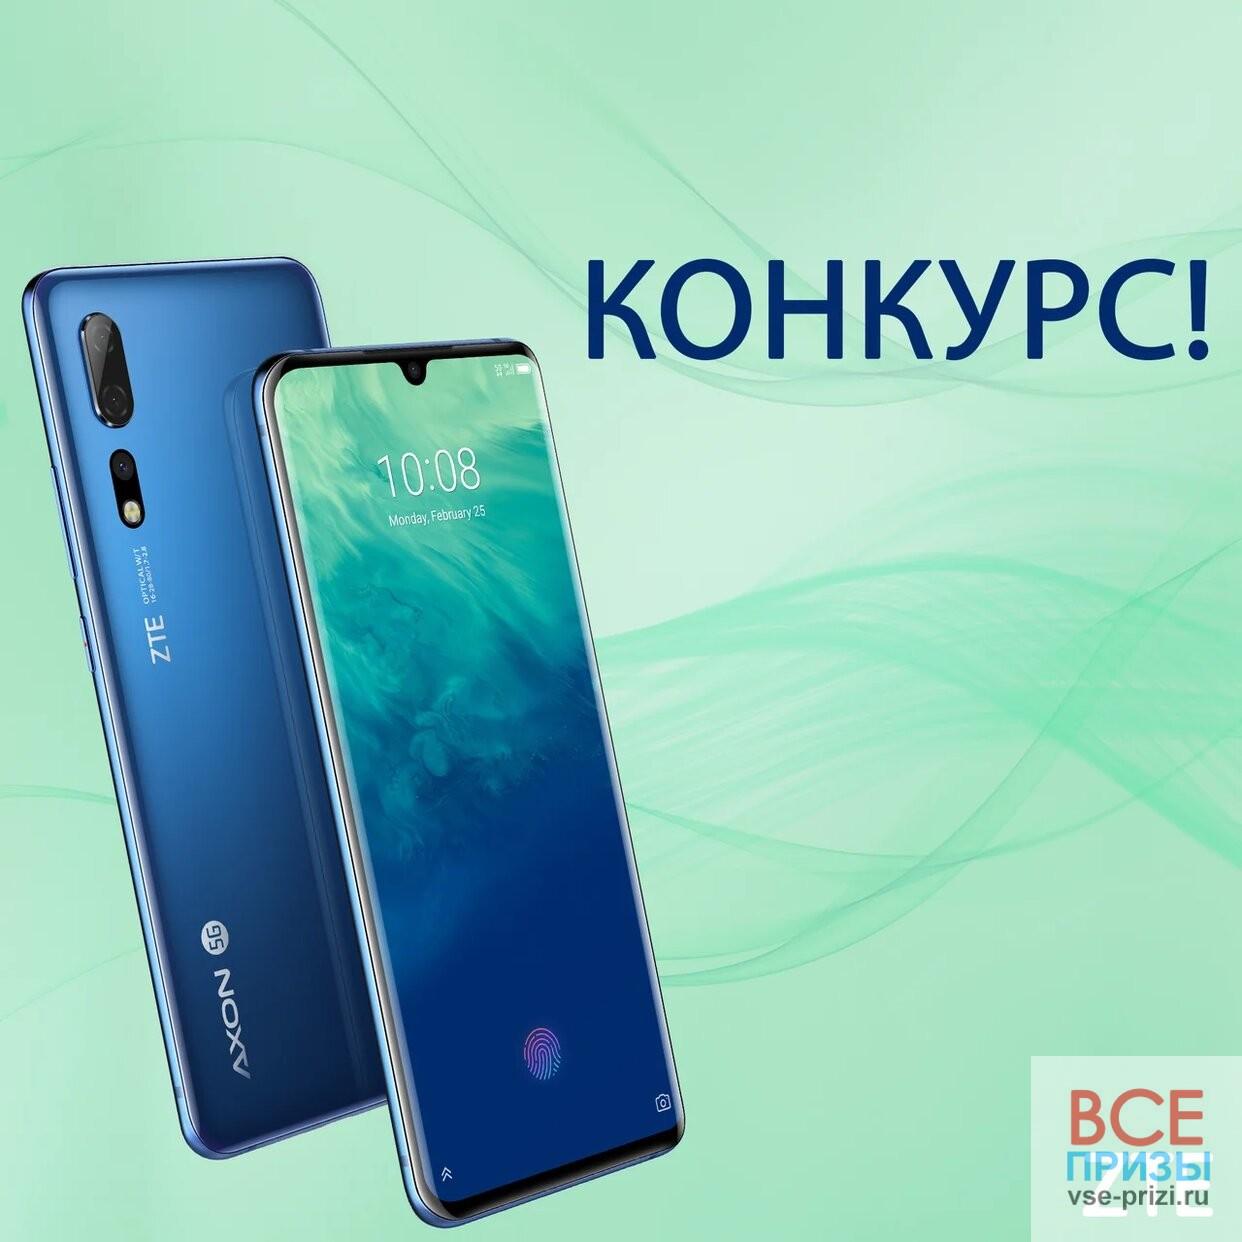 Выиграй главный смартфон ZTE 2019 года с изогнутым AMOLED-экраном